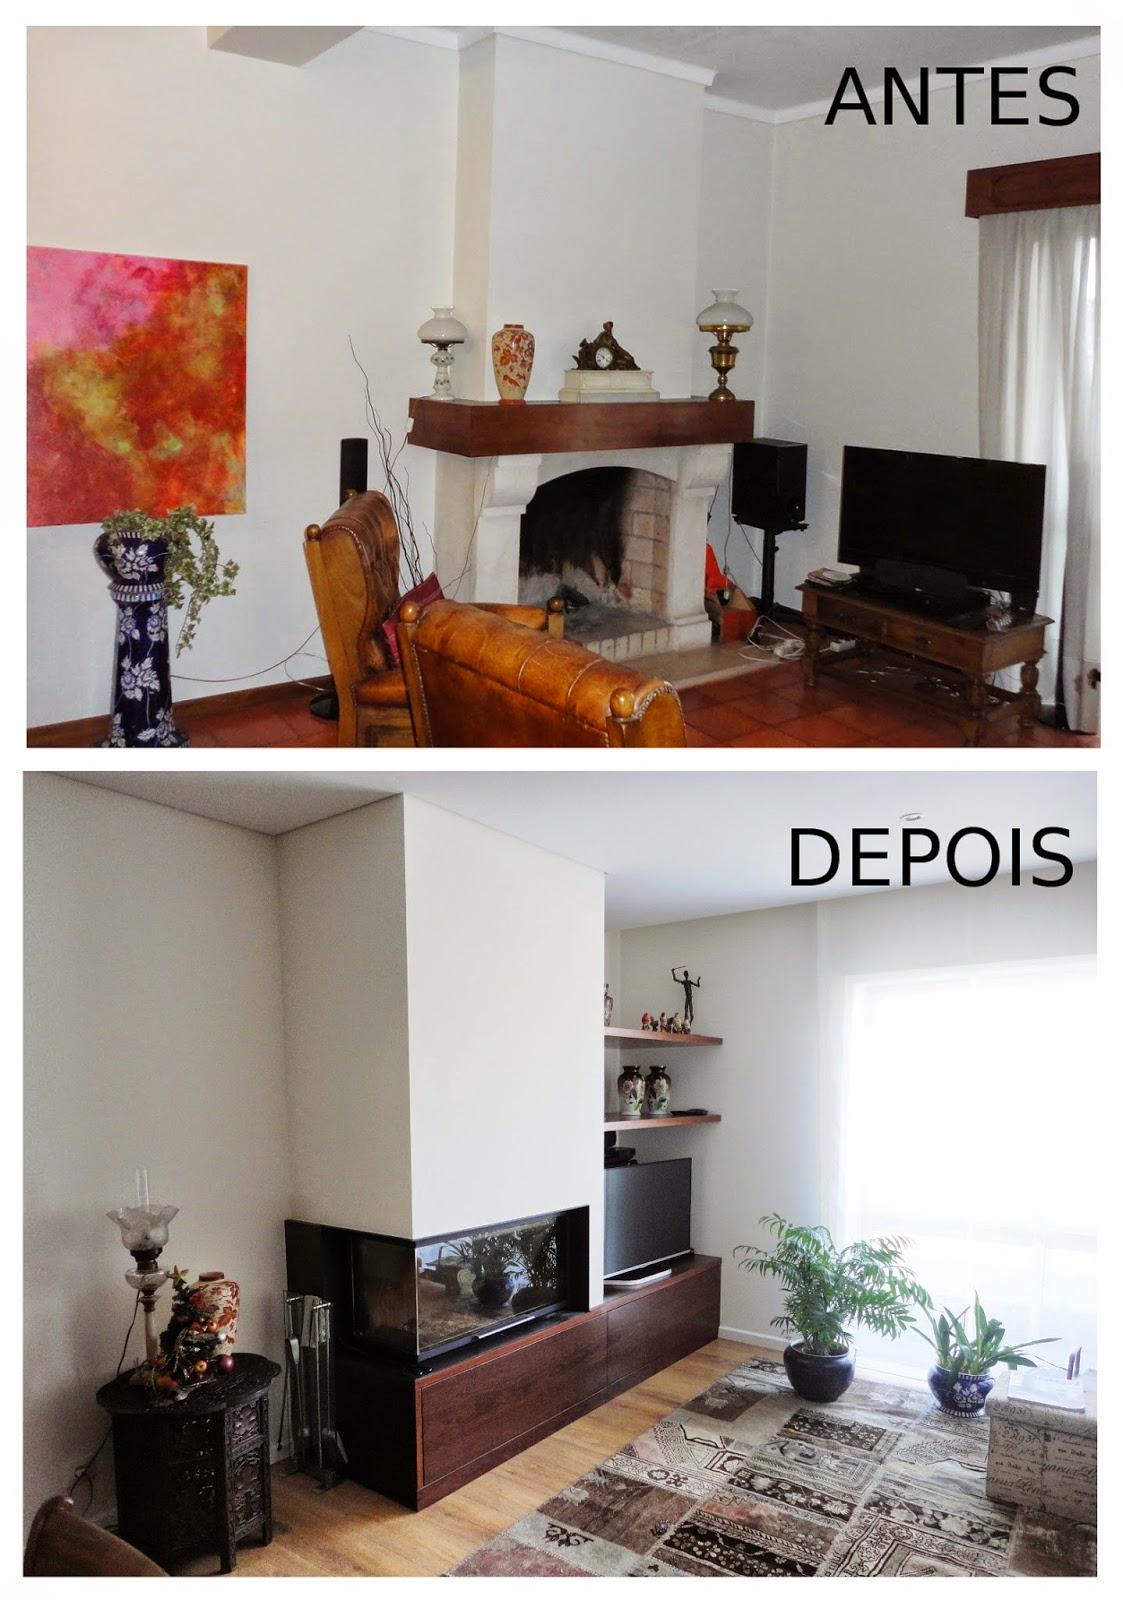 Trata se da remodelação de um apartamento na Freguesia da Glória  #AB3B20 1123 1600